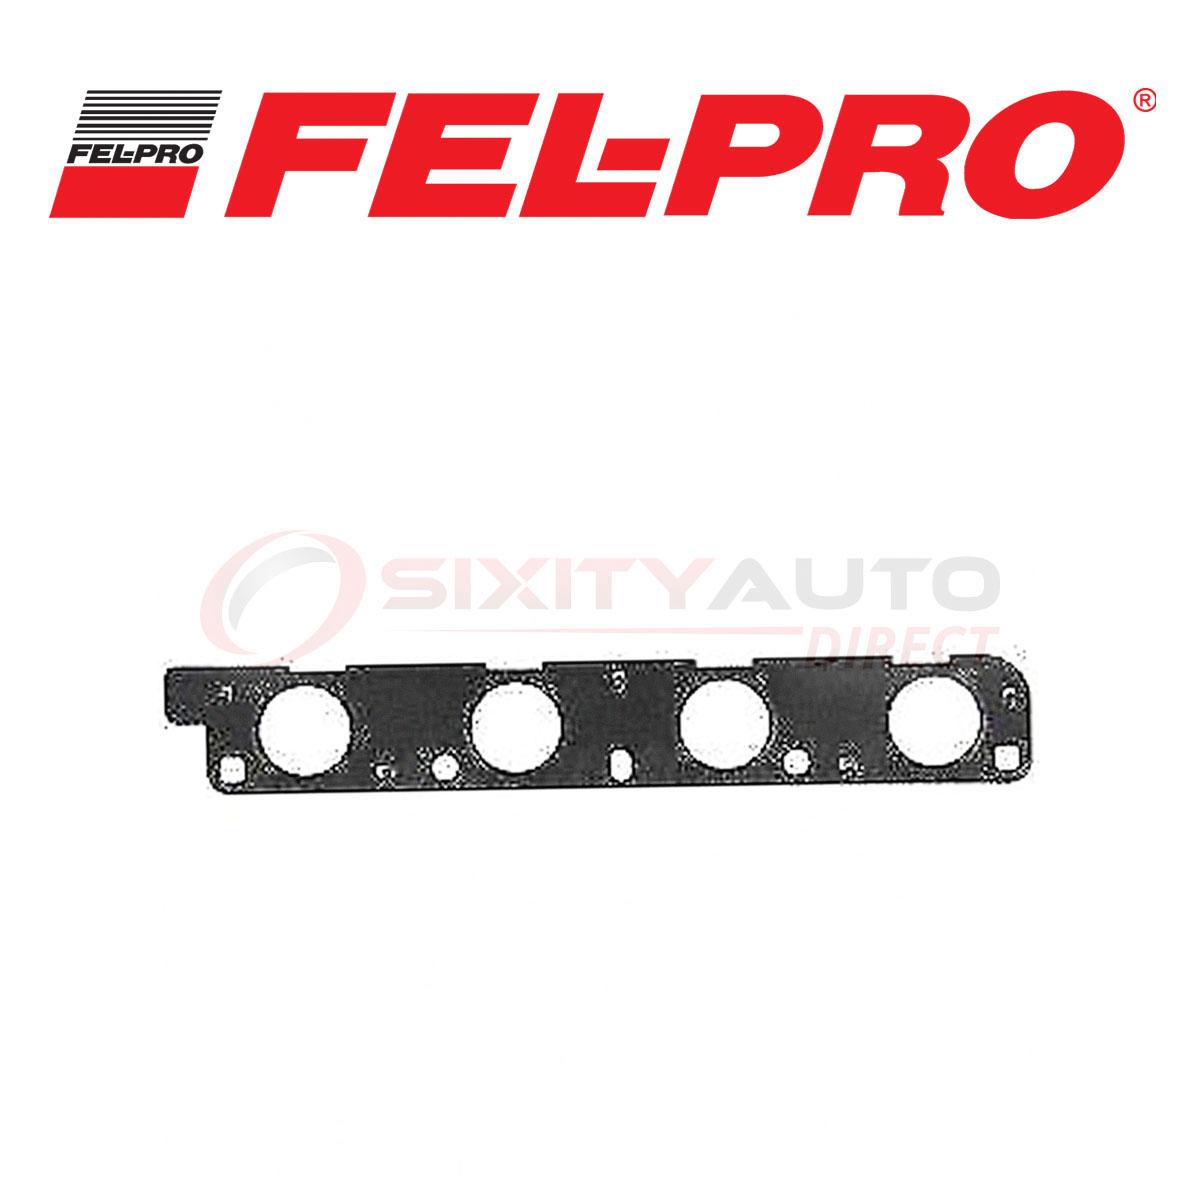 Fel-Pro MS96784 gasket